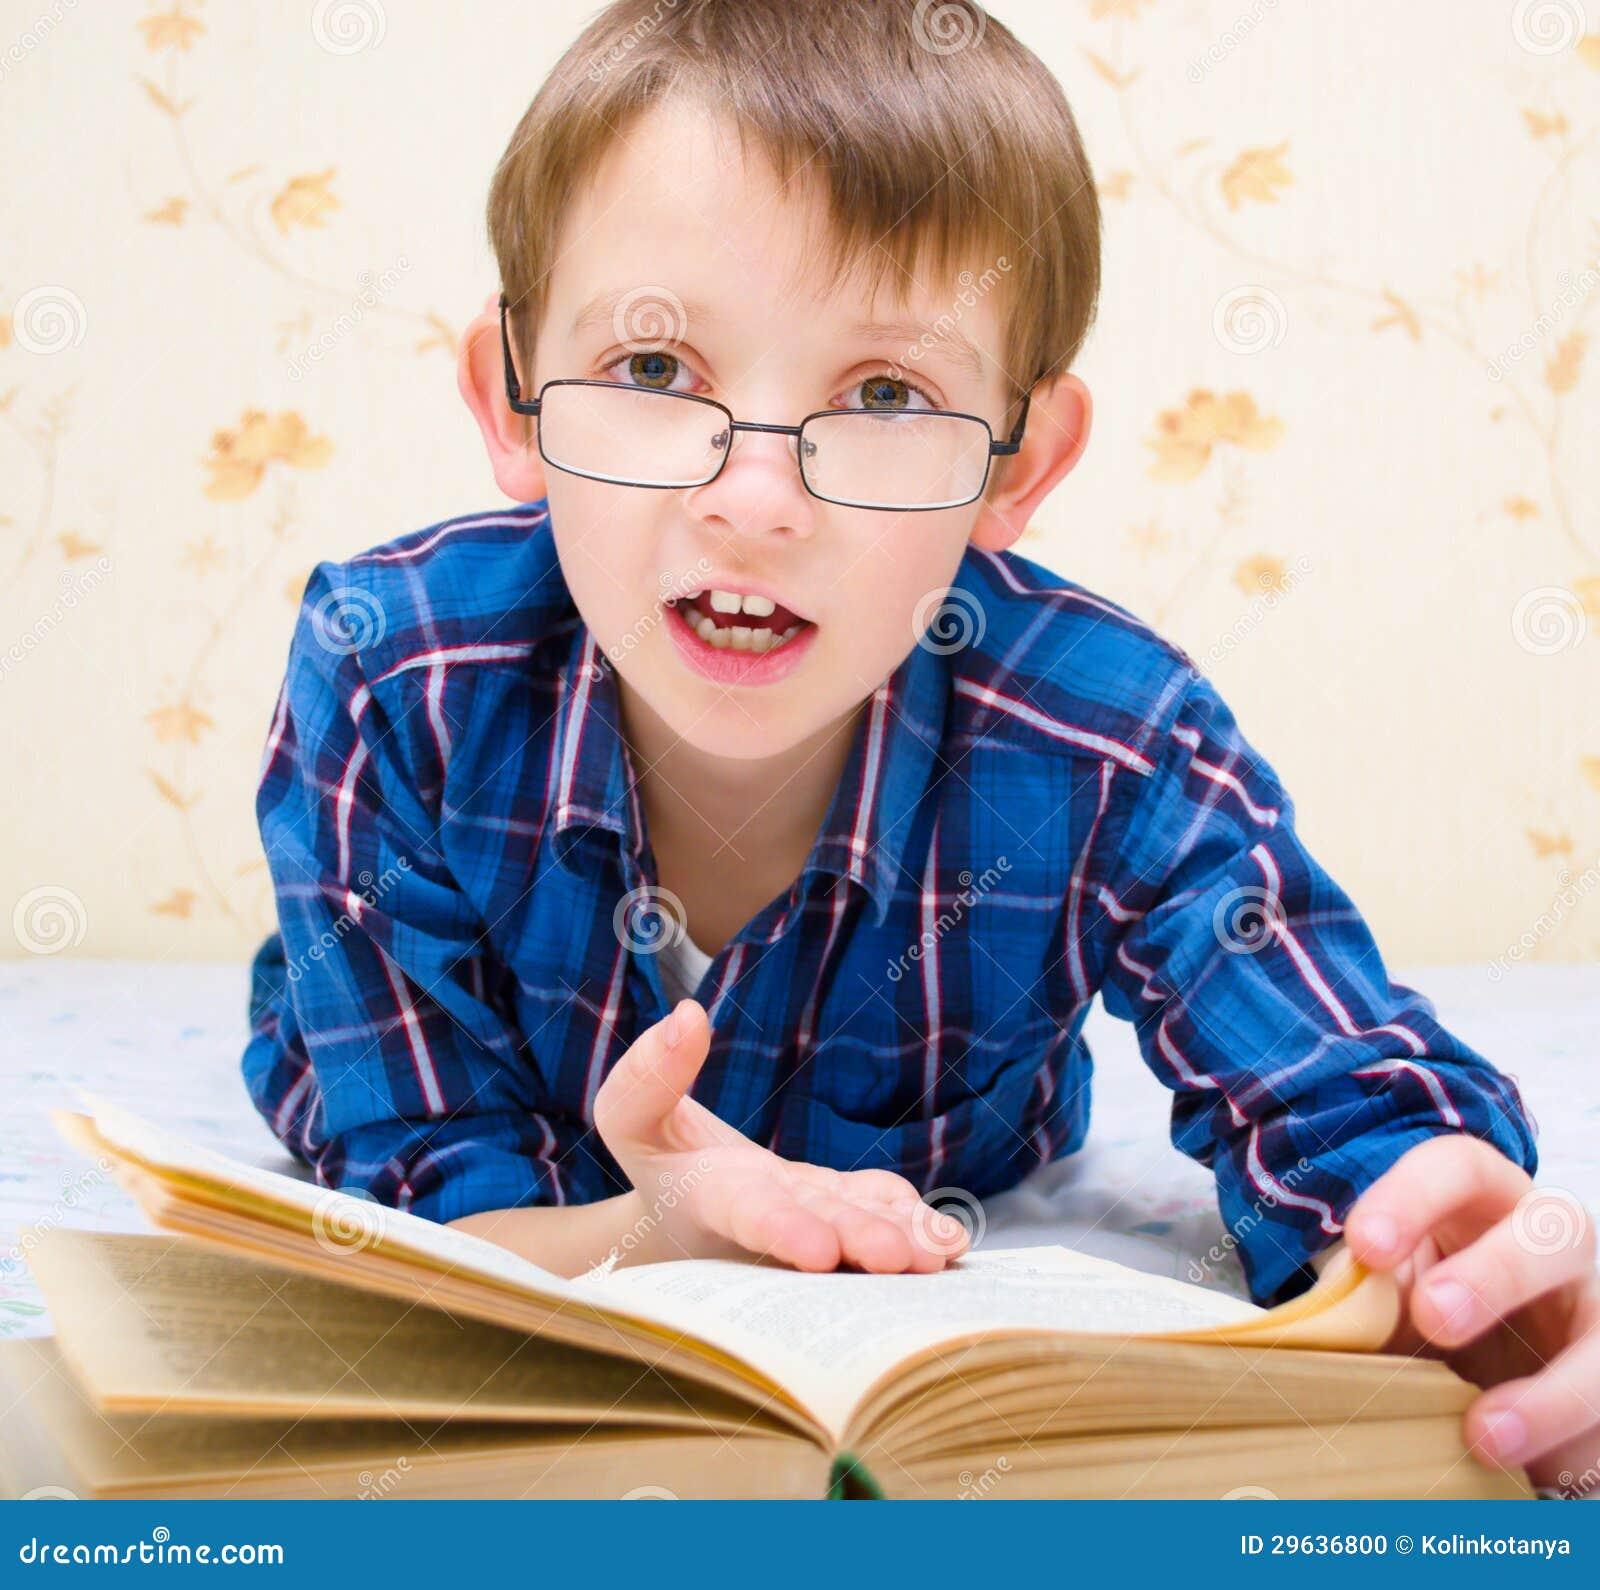 El ni o peque o est leyendo un libro foto de archivo - Foto nino pequeno ...